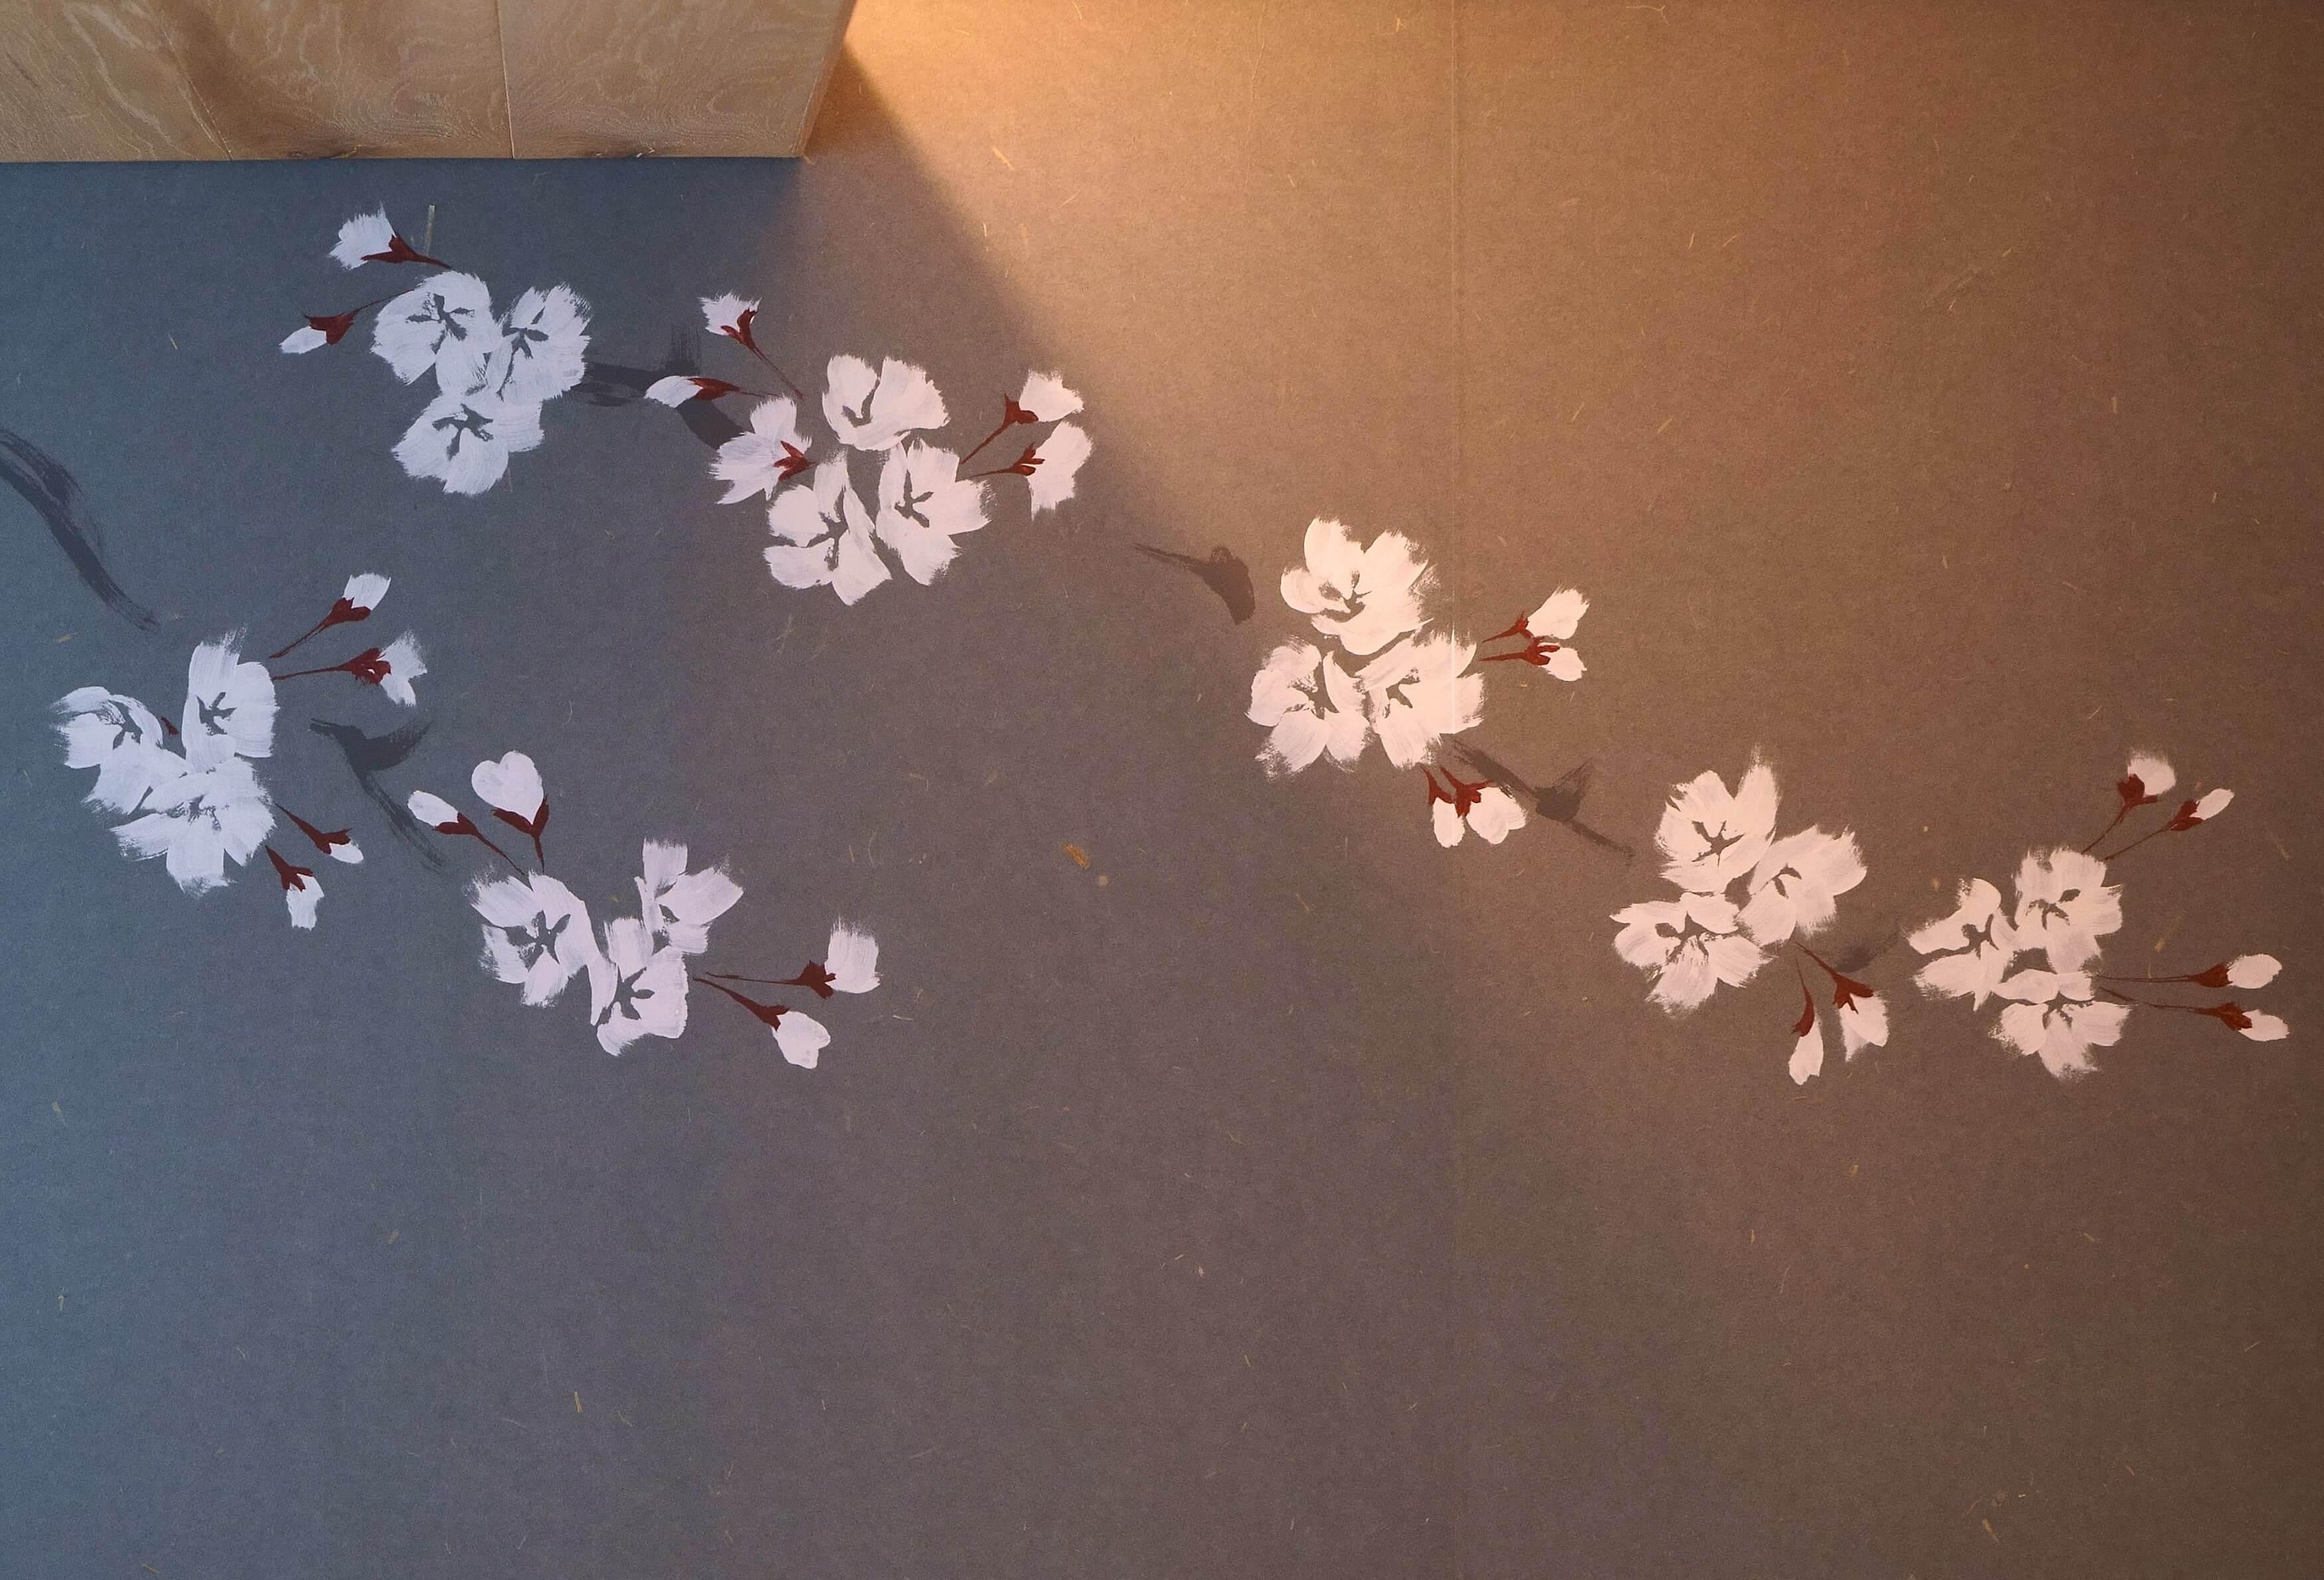 桜、もみじ、松…GOOD NATURE HOTEL KYOTOの客室を彩る花と木々